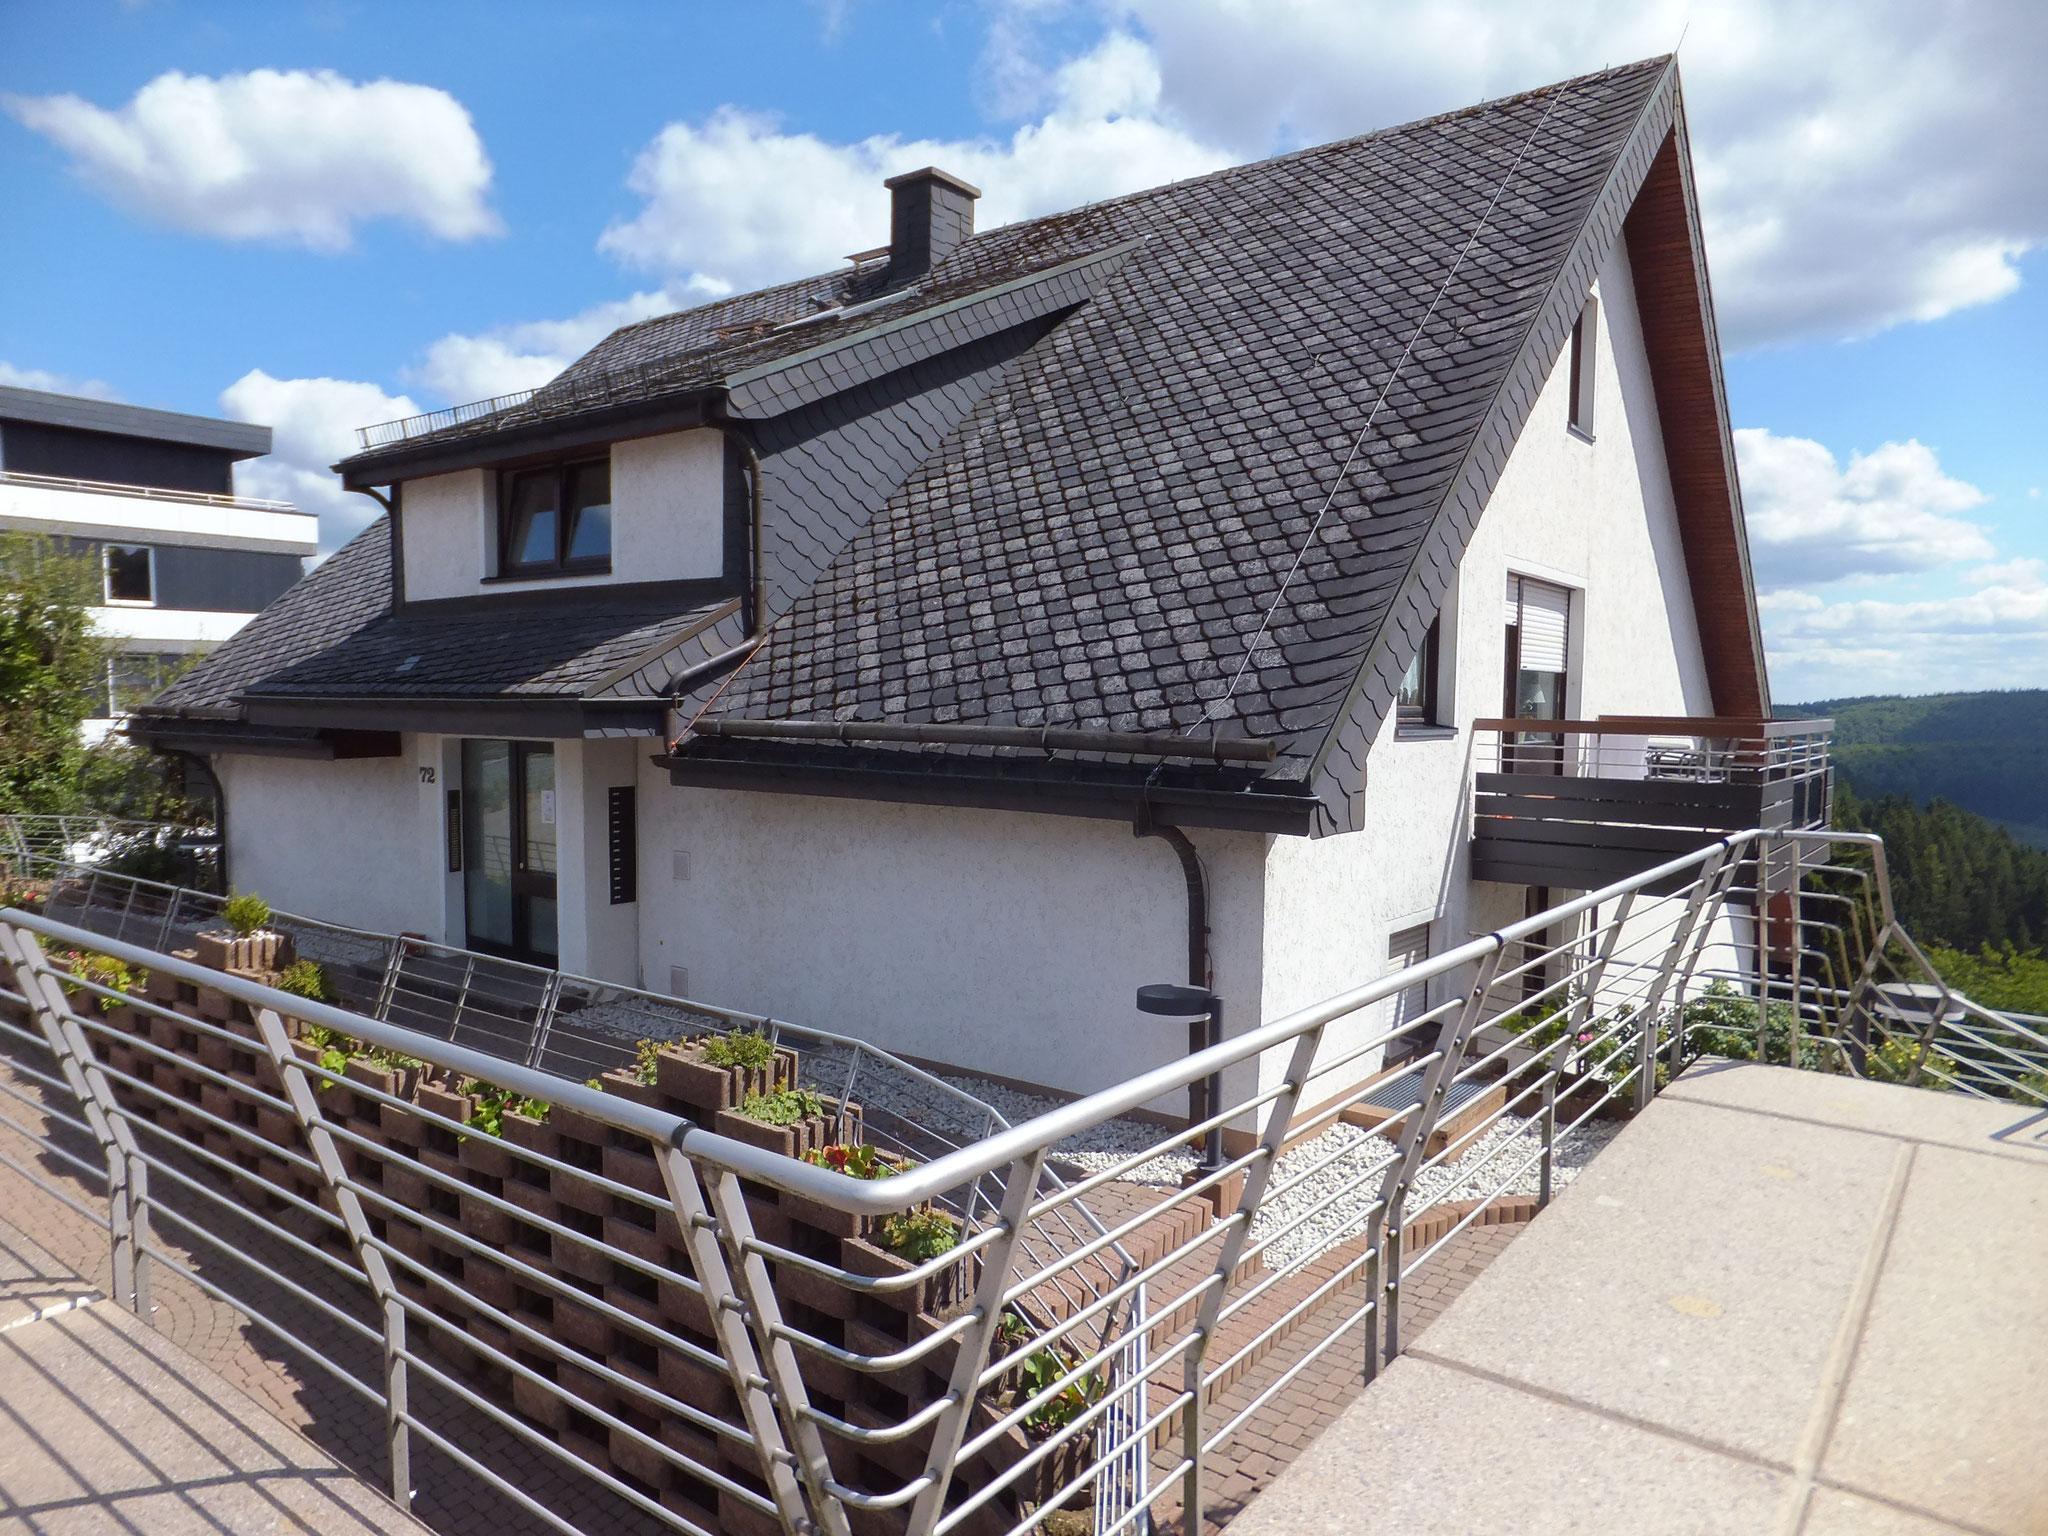 Hauseingang & Balkon